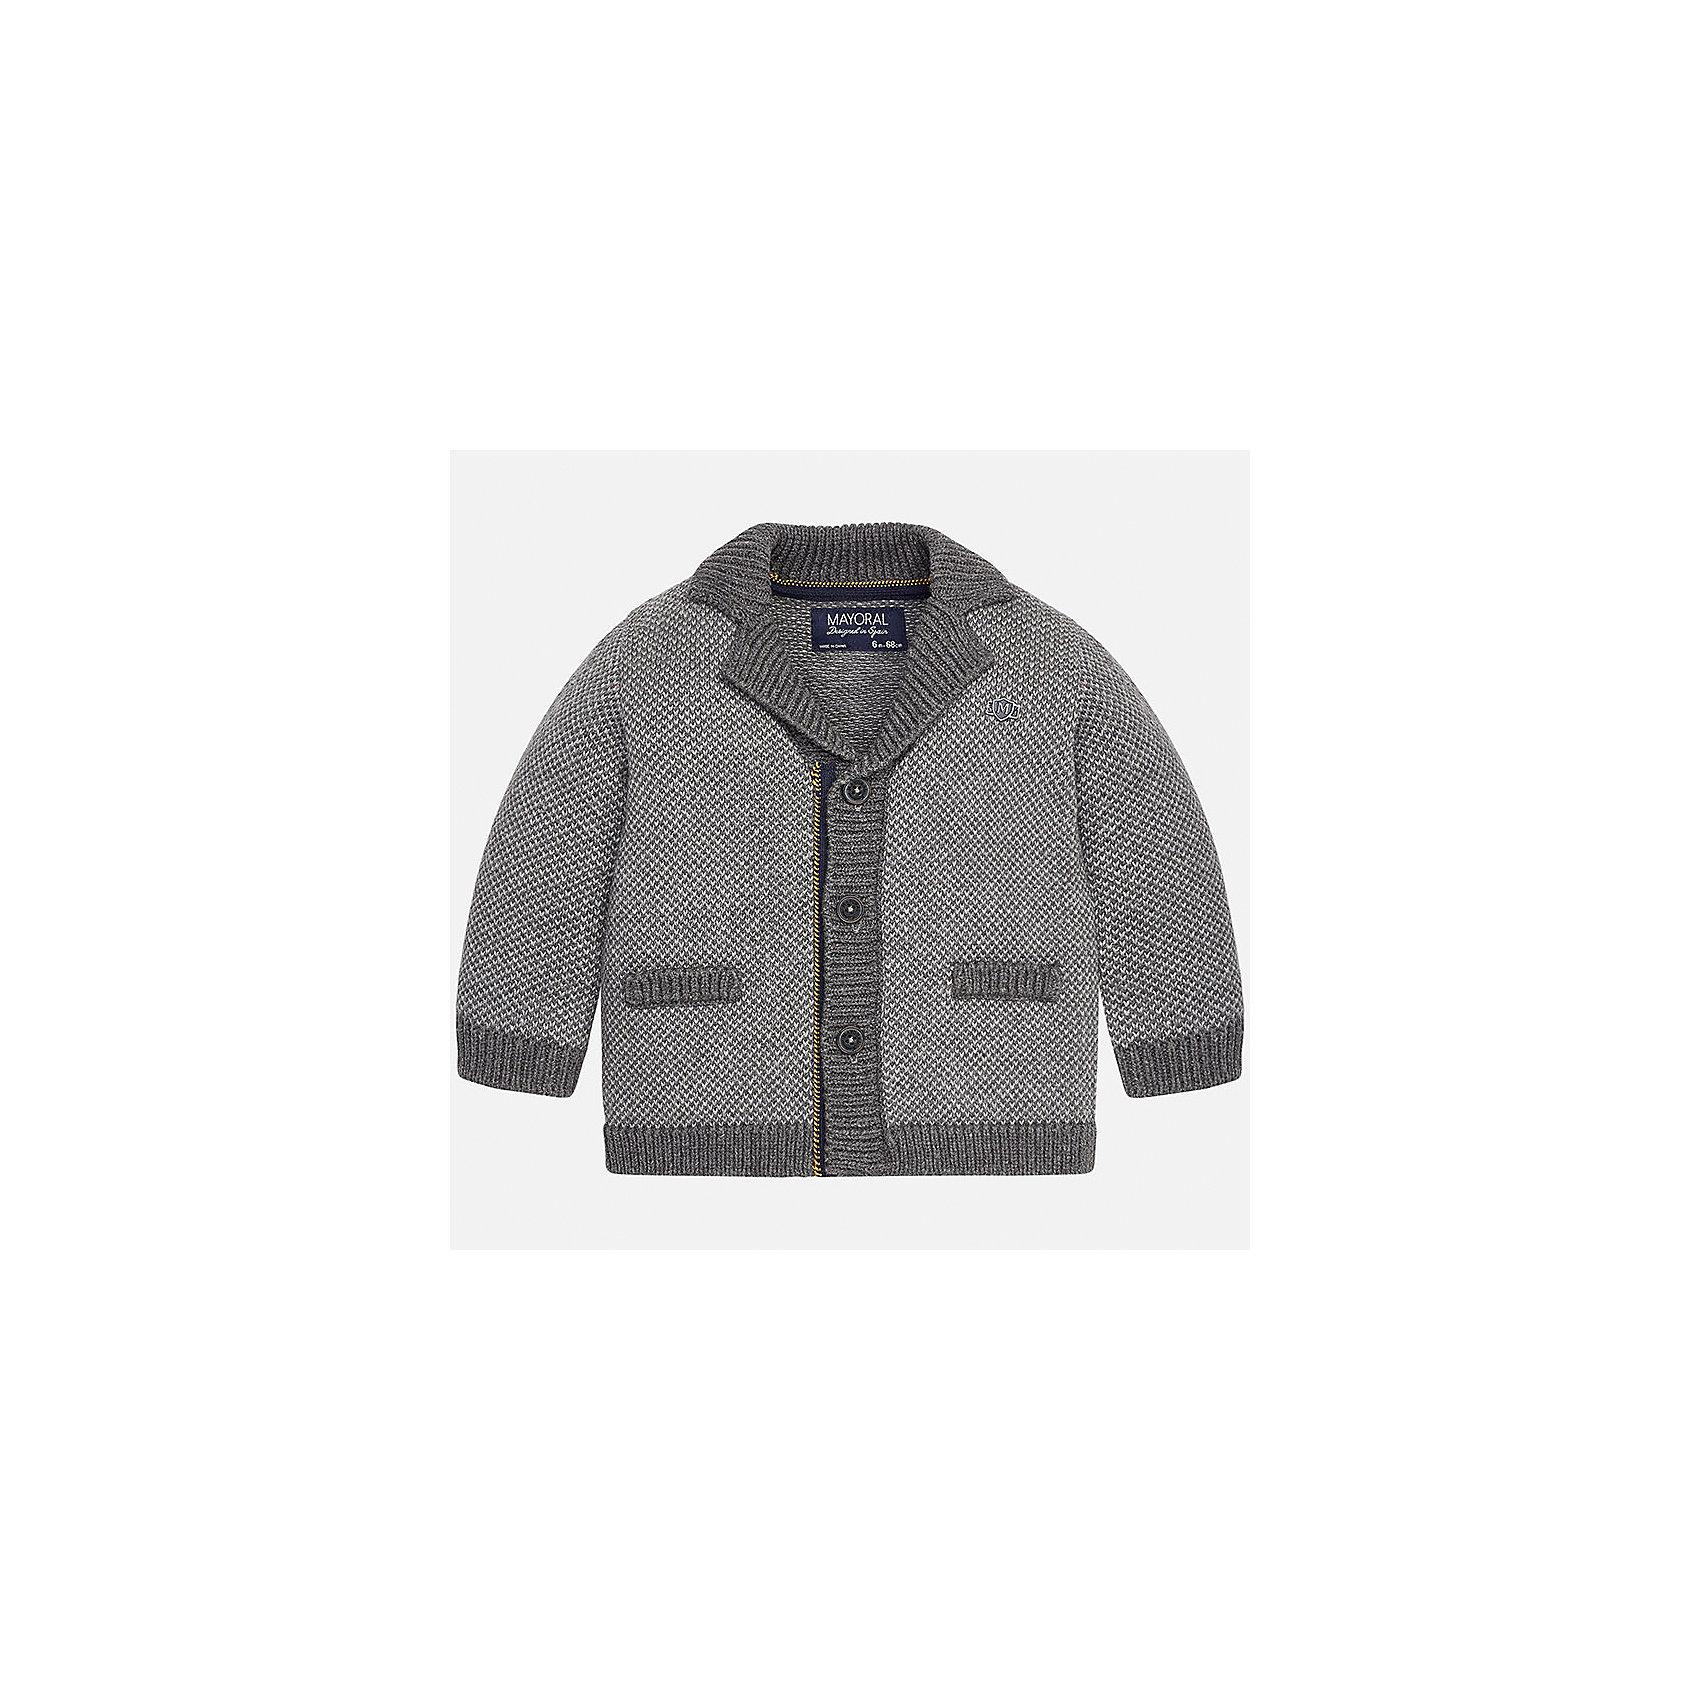 Пиджак для мальчика MayoralКостюмы и пиджаки<br>Характеристики товара:<br><br>• цвет: серый<br>• состав ткани: 60% хлопок, 40% акрил<br>• сезон: демисезон<br>• особенности модели: вязаный<br>• застежка: пуговицы<br>• длинные рукава<br>• страна бренда: Испания<br>• страна изготовитель: Индия<br><br>Теплый детский кардиган сделан из дышащего приятного на ощупь материала. Благодаря продуманному крою детского кардигана создаются комфортные условия для тела. Кардиган для мальчика отличается стильным продуманным дизайном.<br><br>Кардиган для мальчика Mayoral (Майорал) можно купить в нашем интернет-магазине.<br><br>Ширина мм: 190<br>Глубина мм: 74<br>Высота мм: 229<br>Вес г: 236<br>Цвет: серый<br>Возраст от месяцев: 24<br>Возраст до месяцев: 36<br>Пол: Мужской<br>Возраст: Детский<br>Размер: 98,74,80,86,92<br>SKU: 6935229